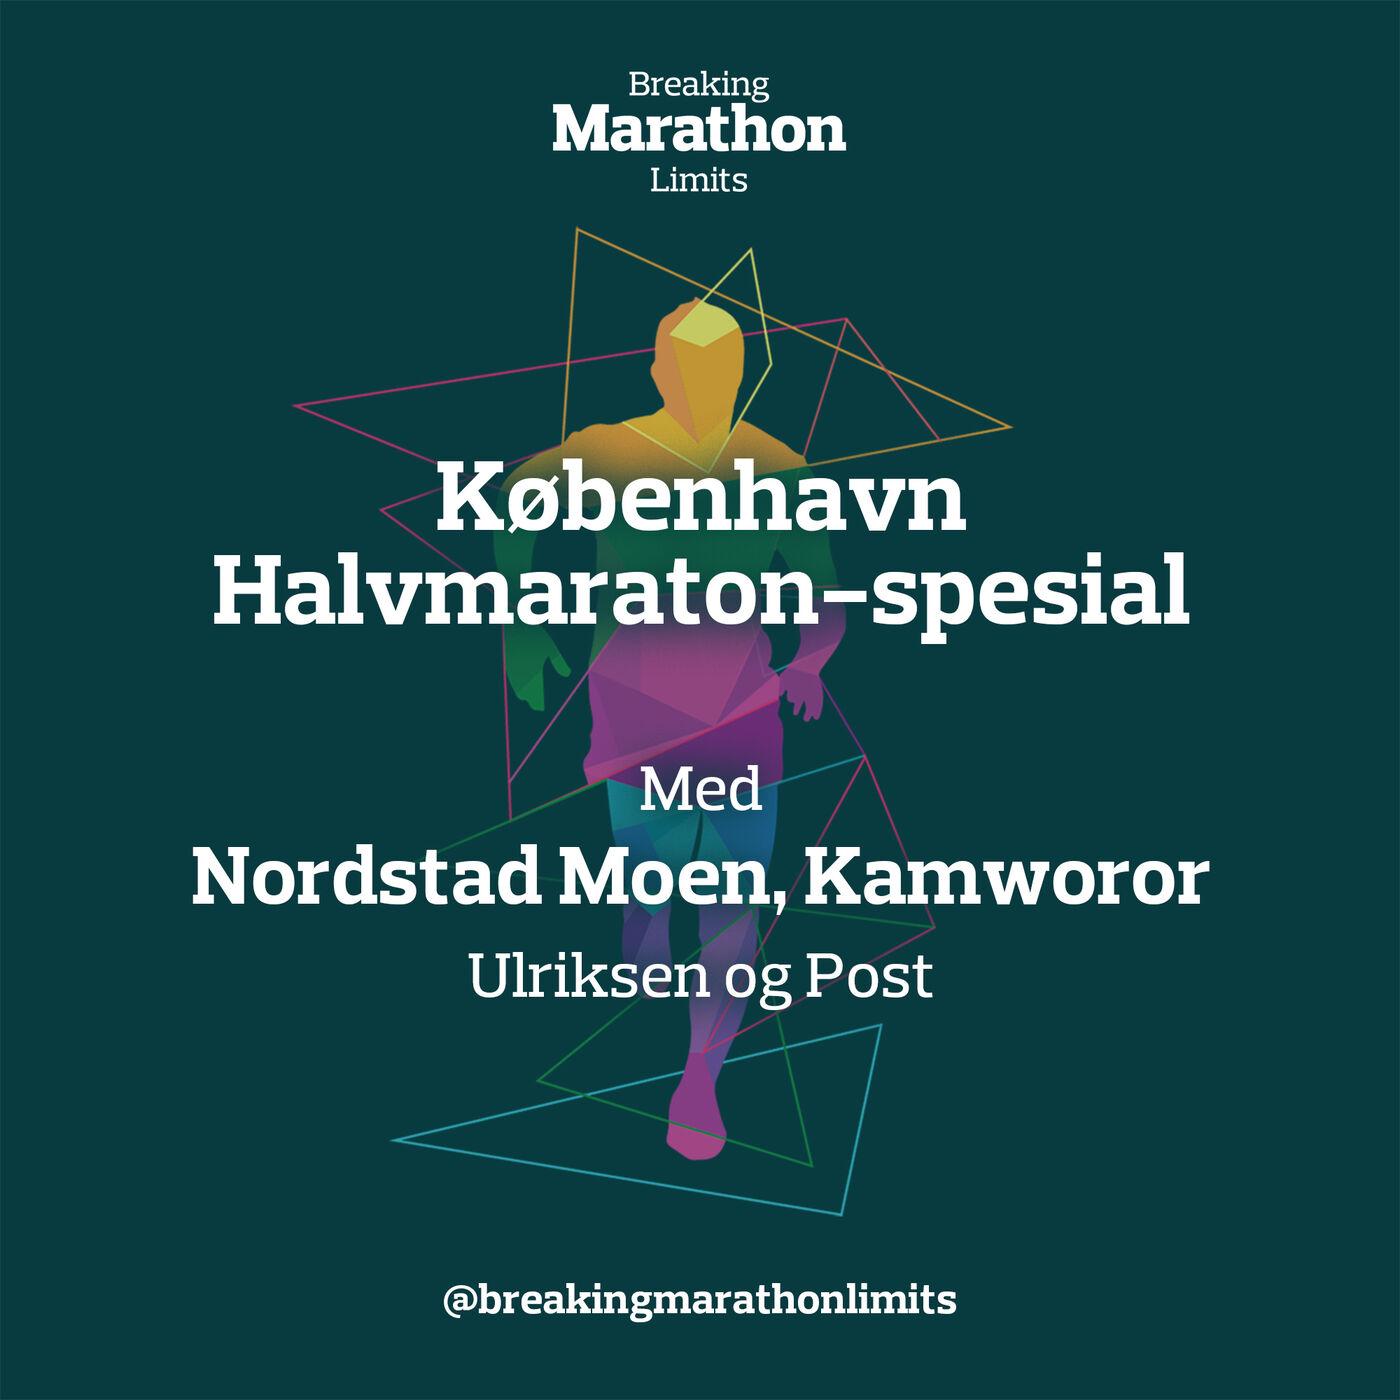 København Halvmaraton-spesial | Med Nordstad Moen, Kamworor, Ulriksen og Post